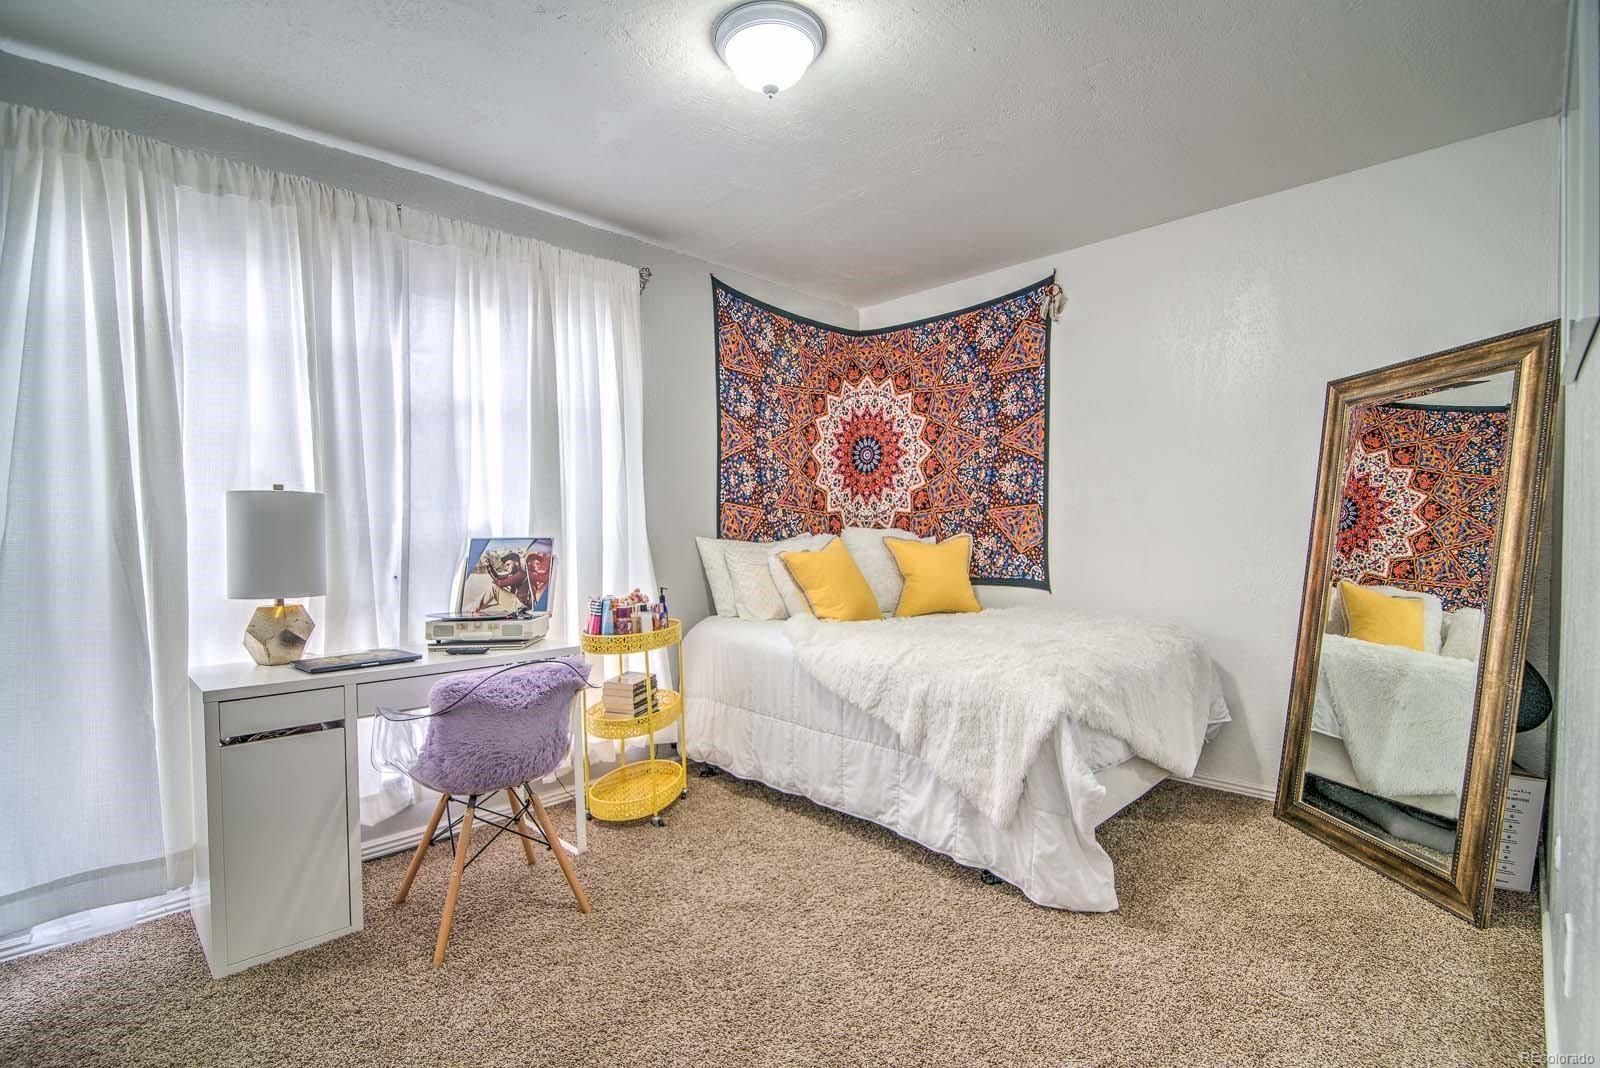 MLS# 4599263 - 13 - 1624 Nueva Vista Drive, Denver, CO 80229